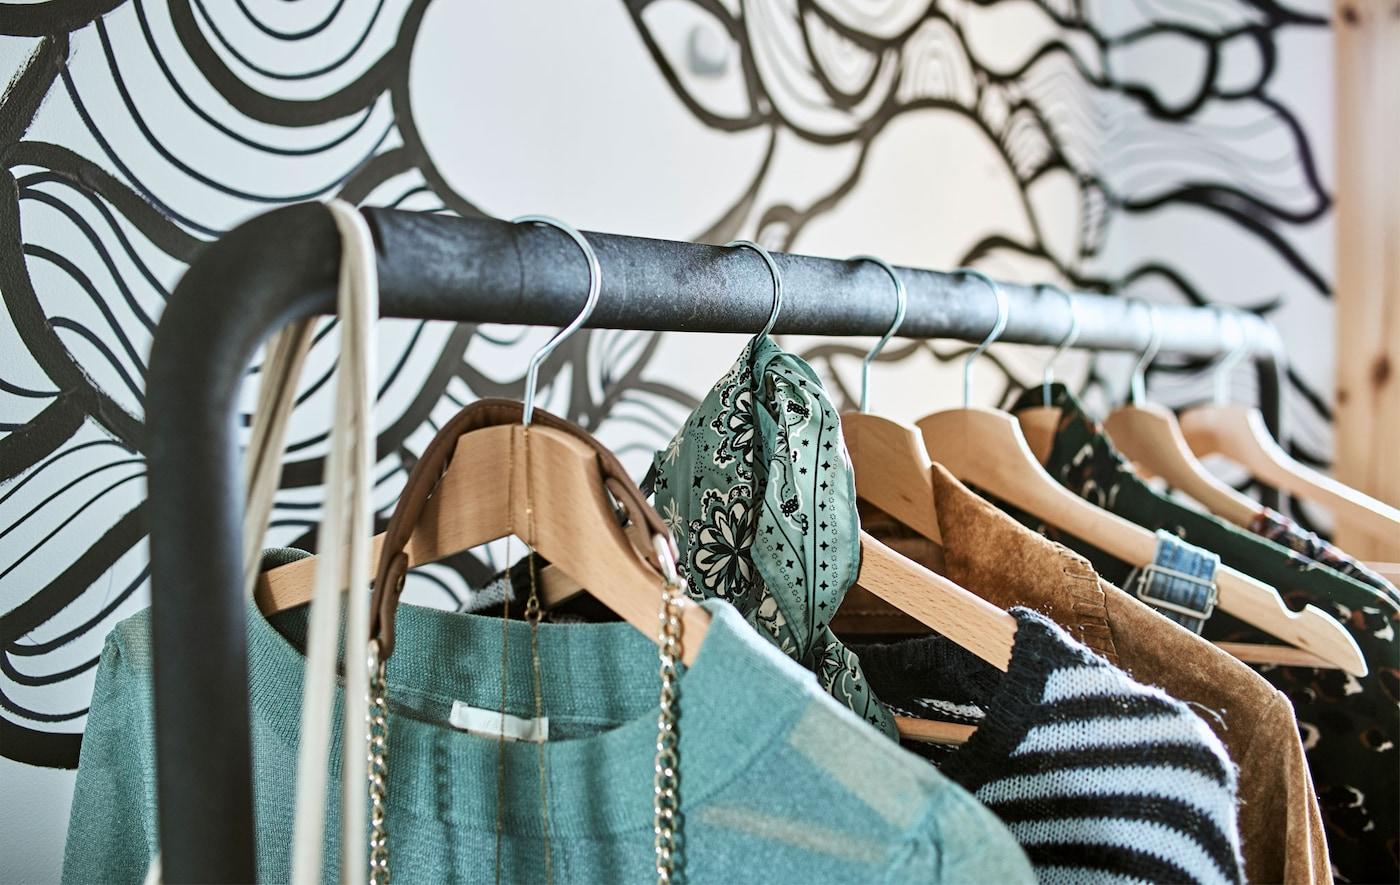 Roupas penduradas em cabides de madeira num varão colocado em frente a um papel de parede de padrão ondulado em preto e branco.